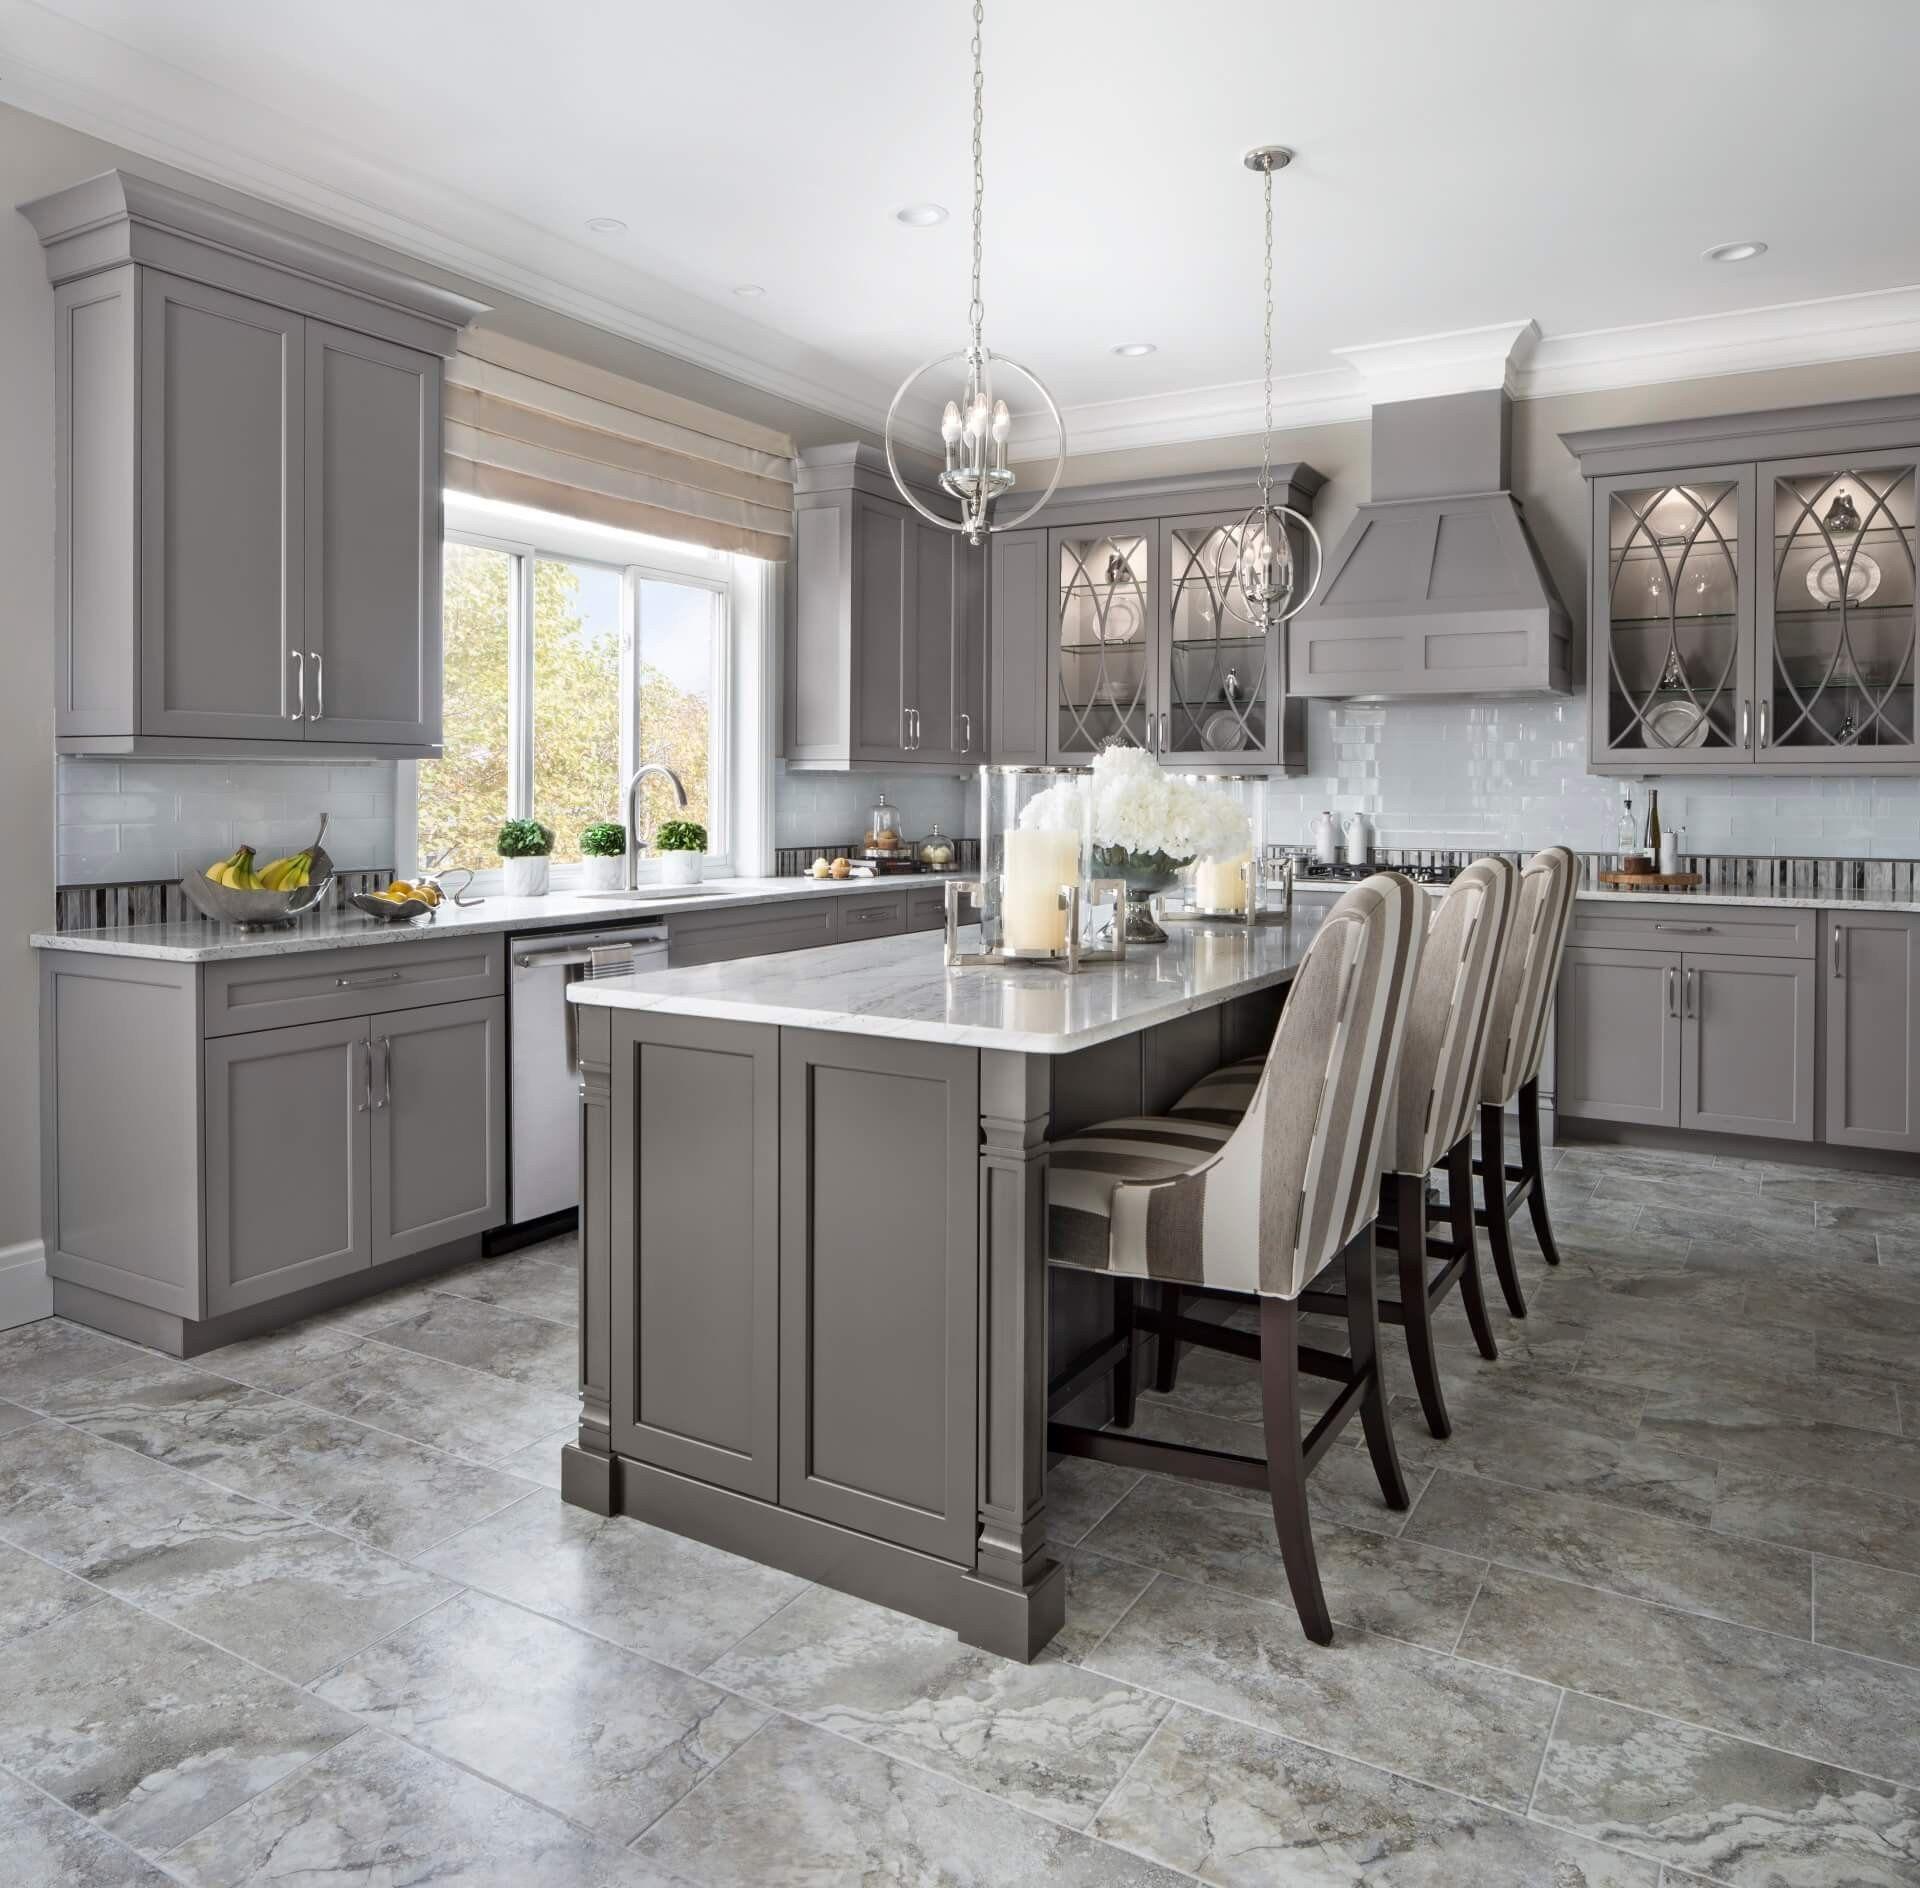 Brookhaven Ii Kitchen Grey Kitchen Designs White Kitchen Design Grey Kitchen Cabinets